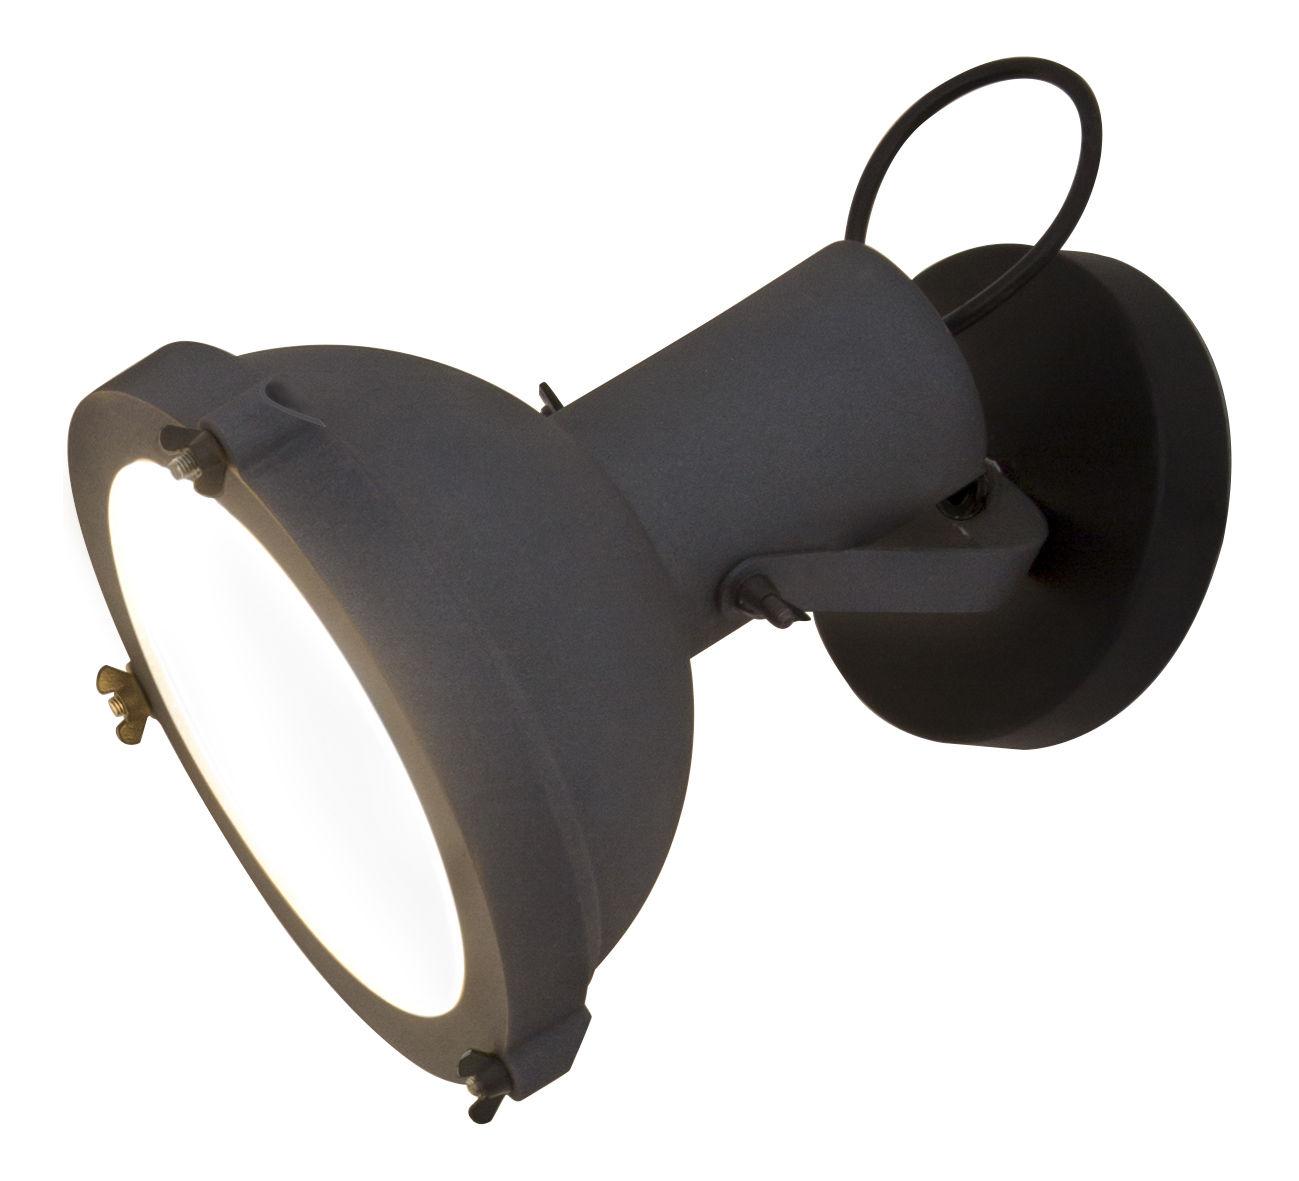 Leuchten - Wandleuchten - Projecteur 165 Wandleuchte von Le Corbusier / Deckenleuchte - Neuauflage des Originals von 1954 - Nemo - Dunkelblau-anthrazit - bemaltes Aluminium, Opalglas